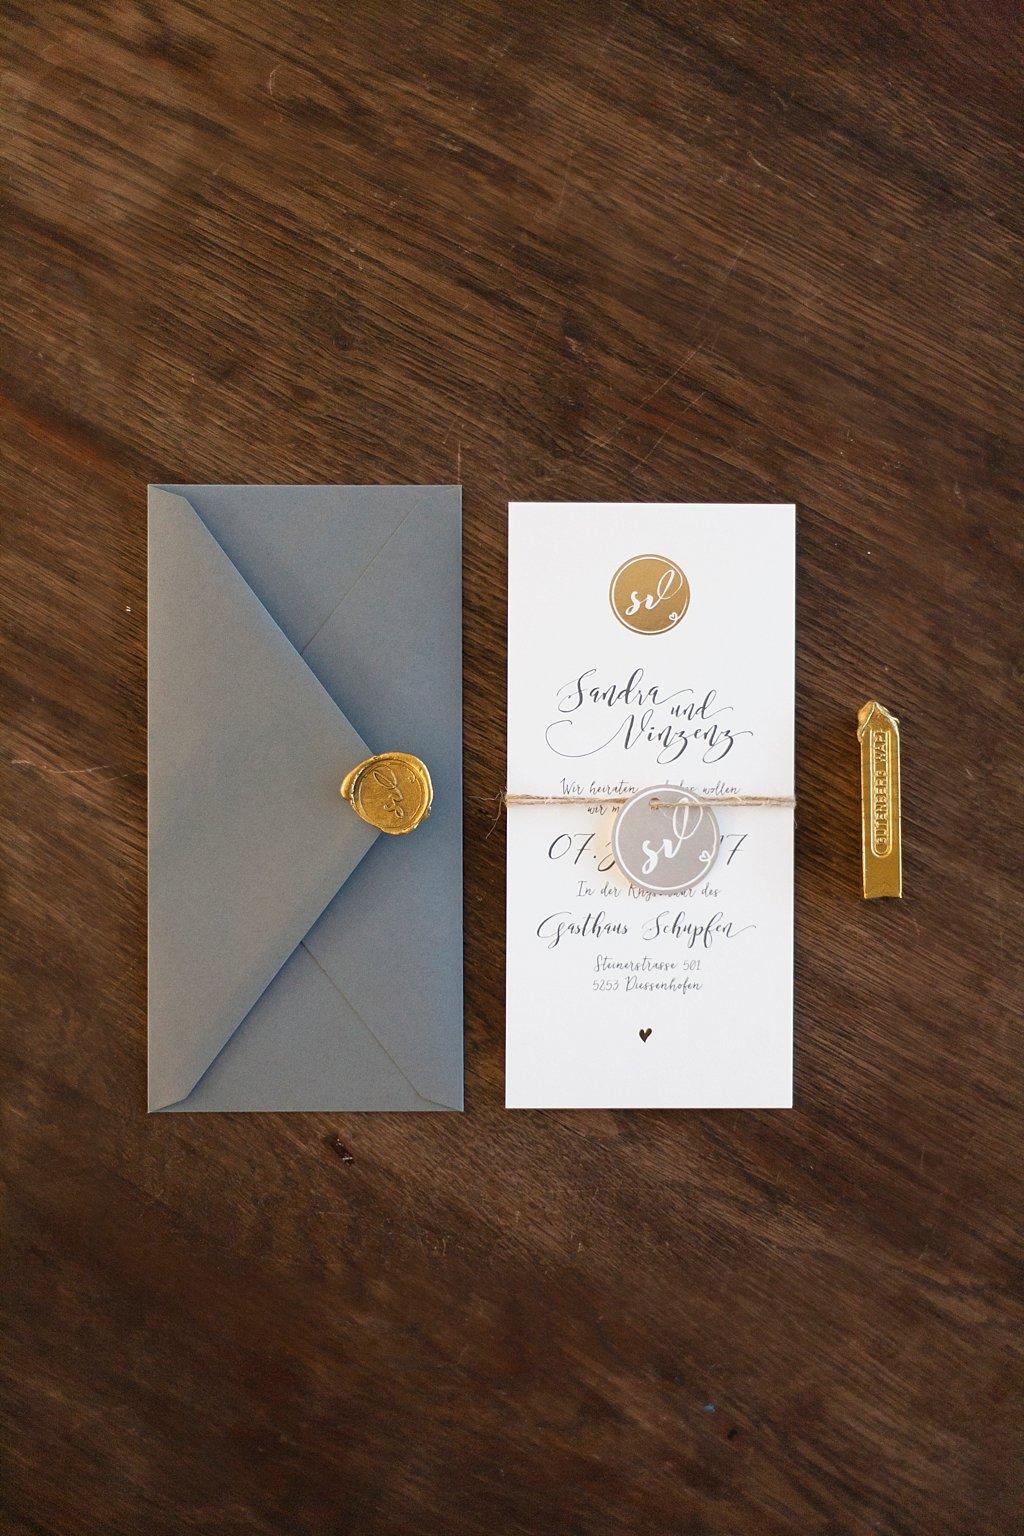 Hochzeitseinladung aus zwei Flachkarten gebunden, mit grauem Briefumschlag und goldenem Siegel